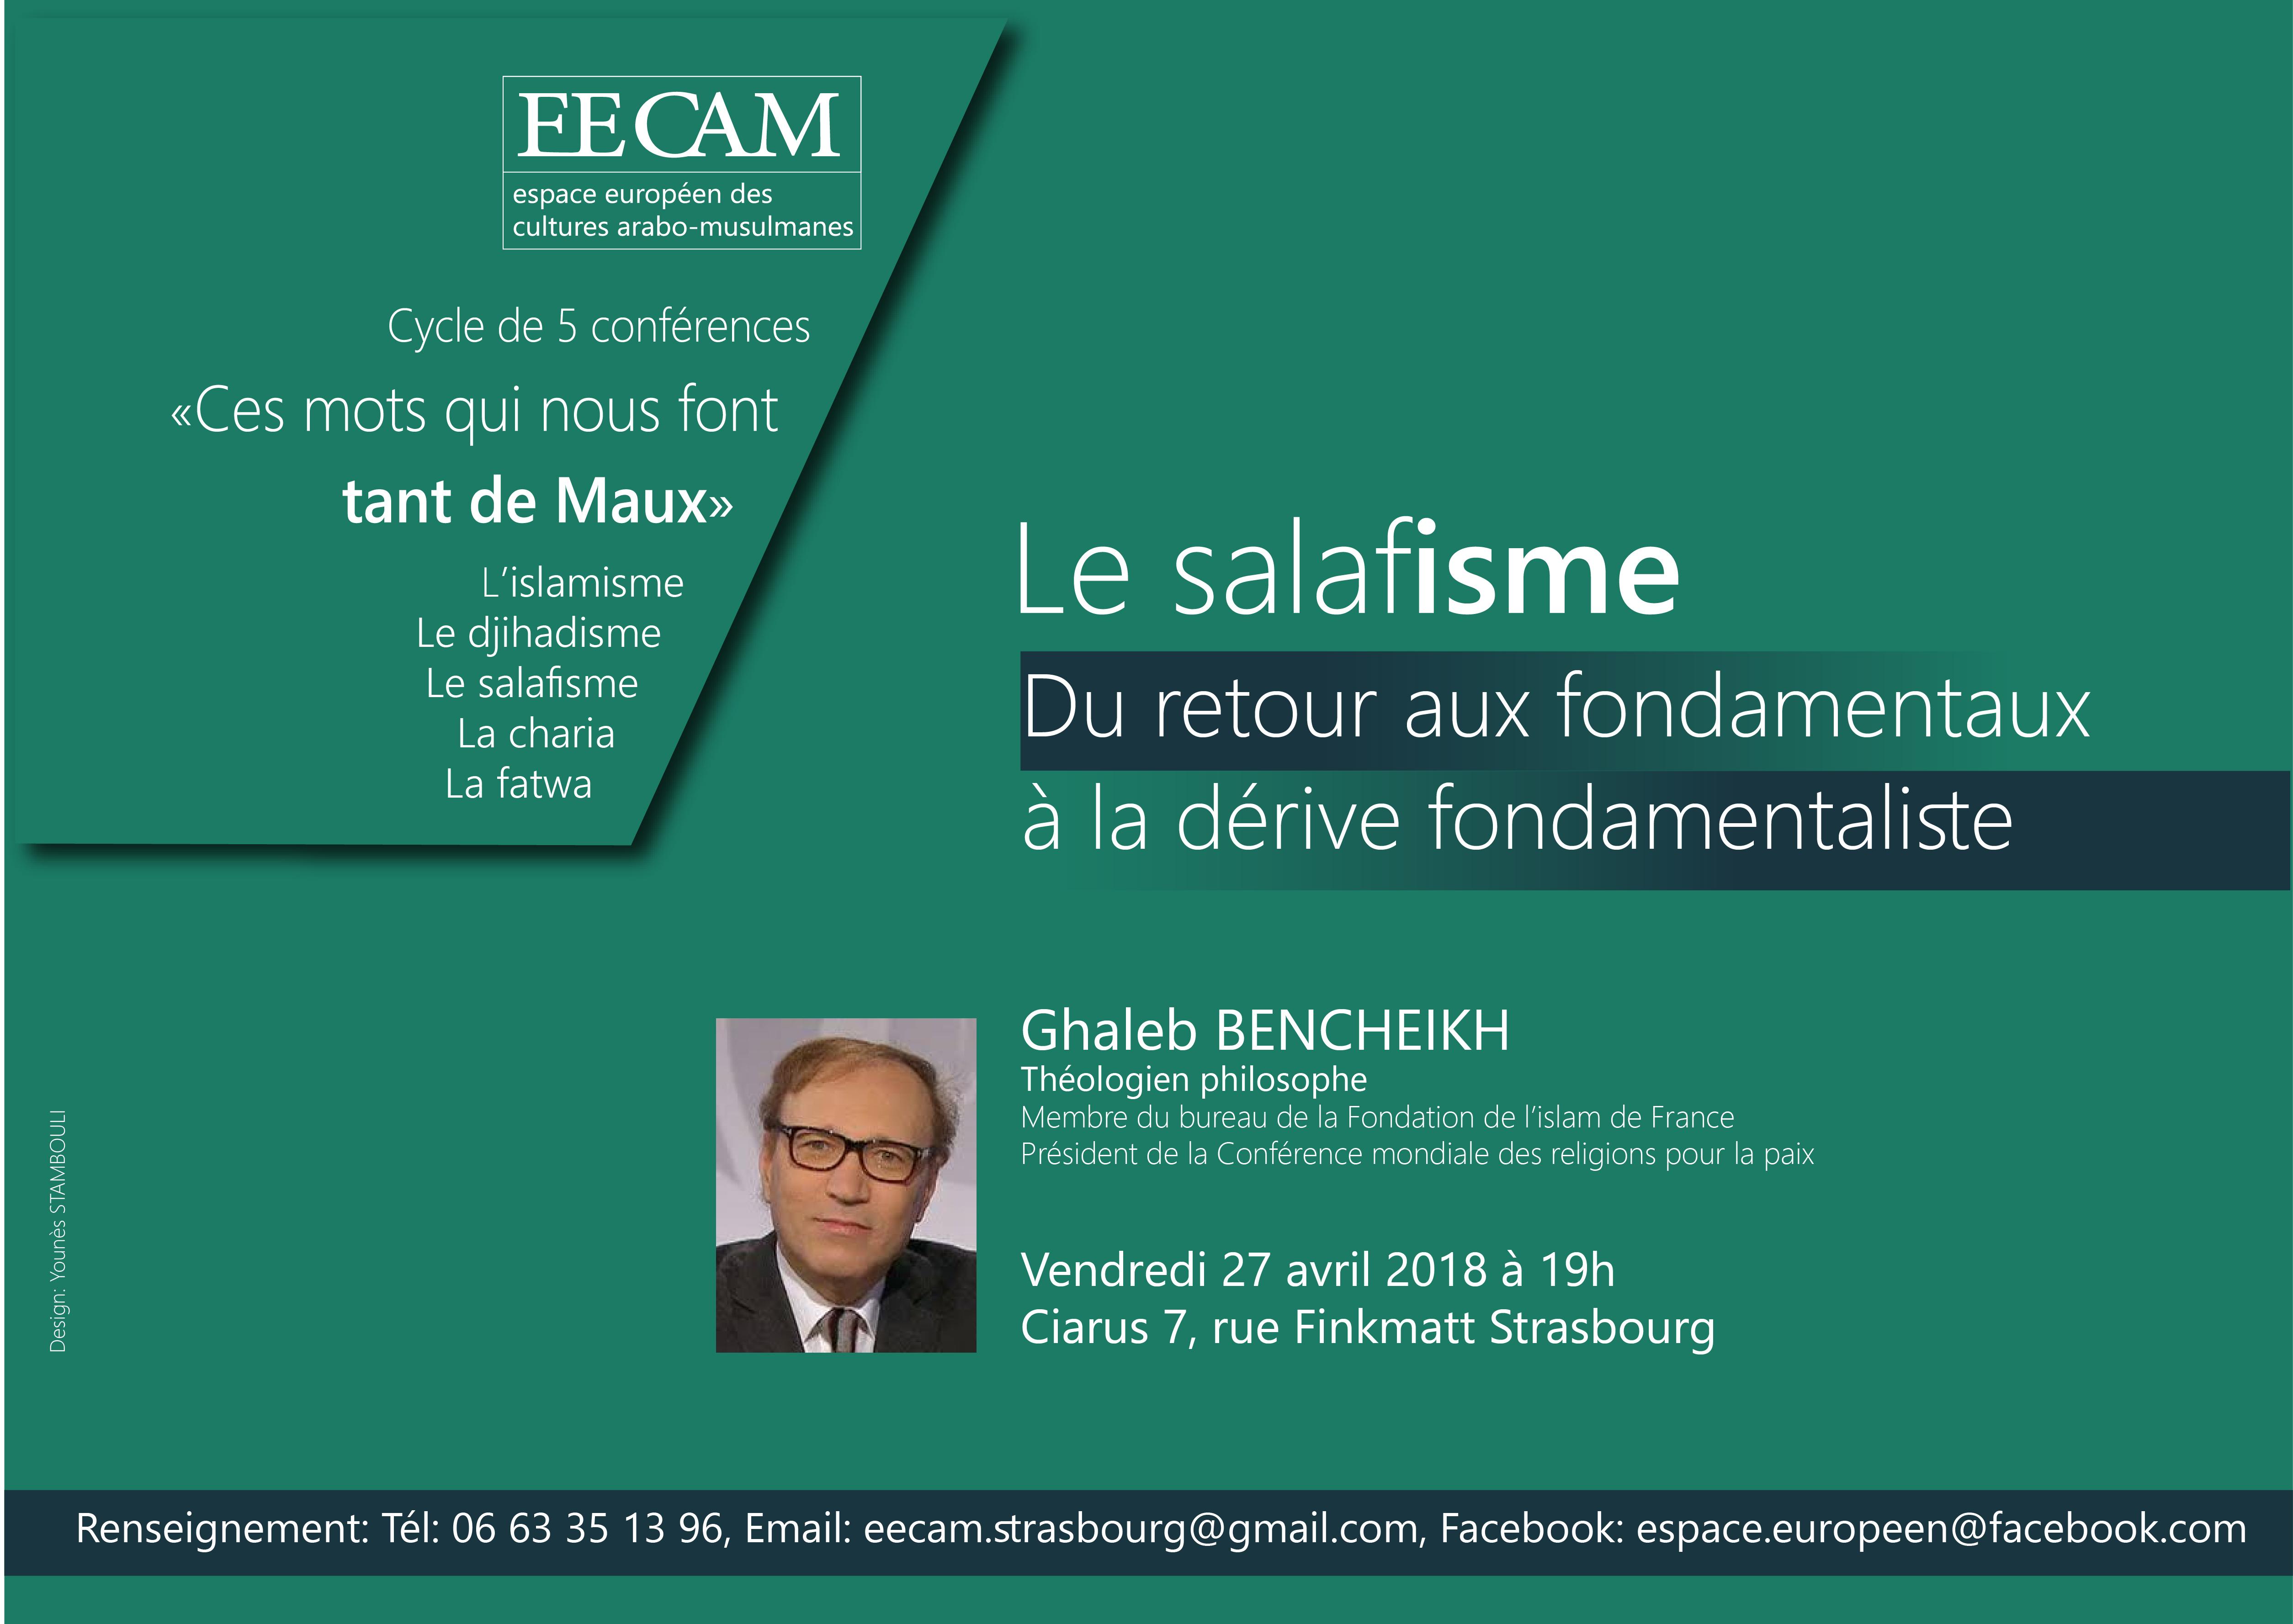 https://www.saphirnews.com/agenda/Le-salafisme-du-retour-aux-fondamentaux-a-la-derive-fondamentaliste_ae577975.html